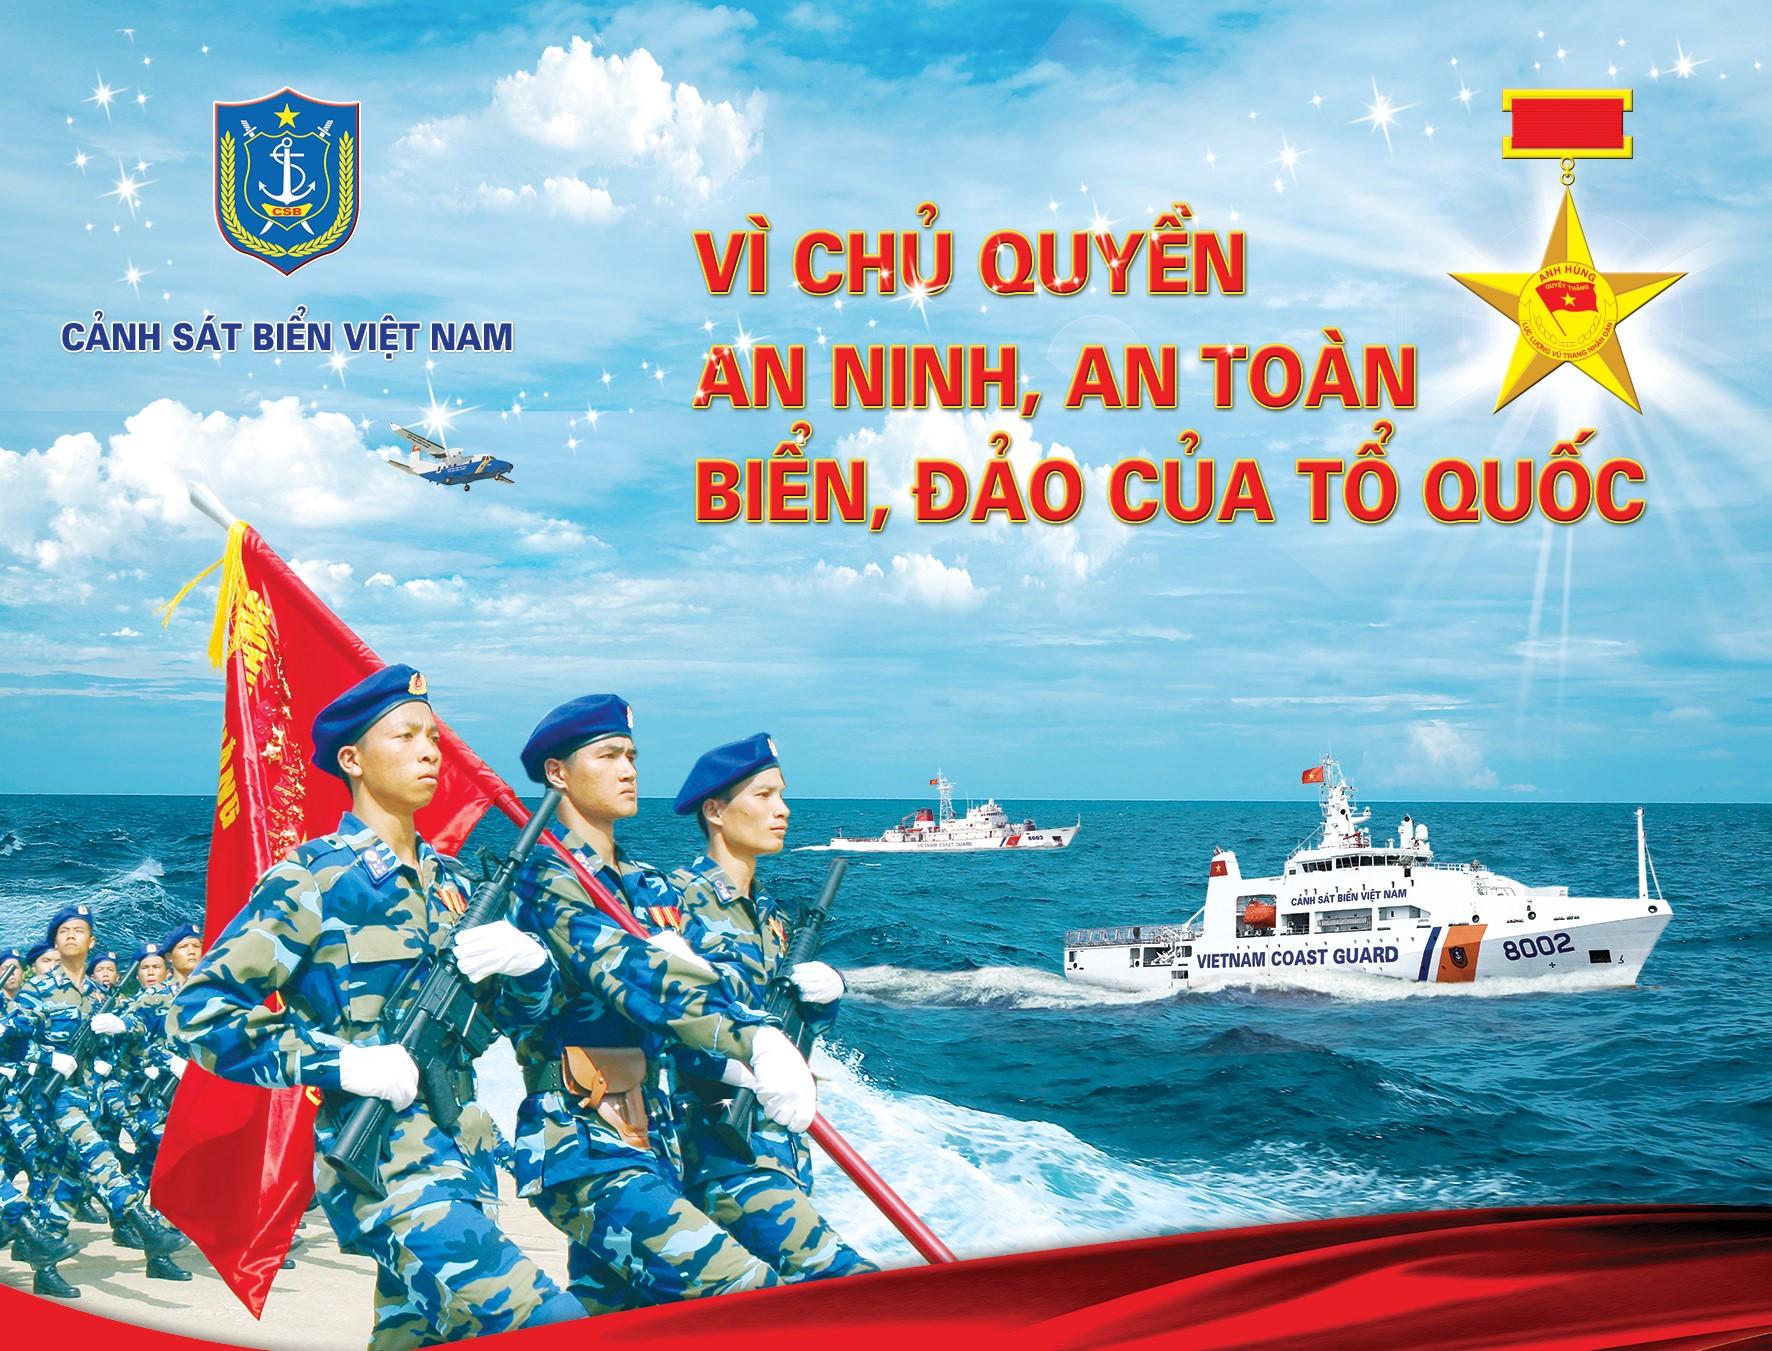 Đổi mới hình thức, phương pháp tuyên truyền đối ngoại về bảo vệ chủ quyền biển đảo của lực lượng Cảnh sát biển trong tình hình mới